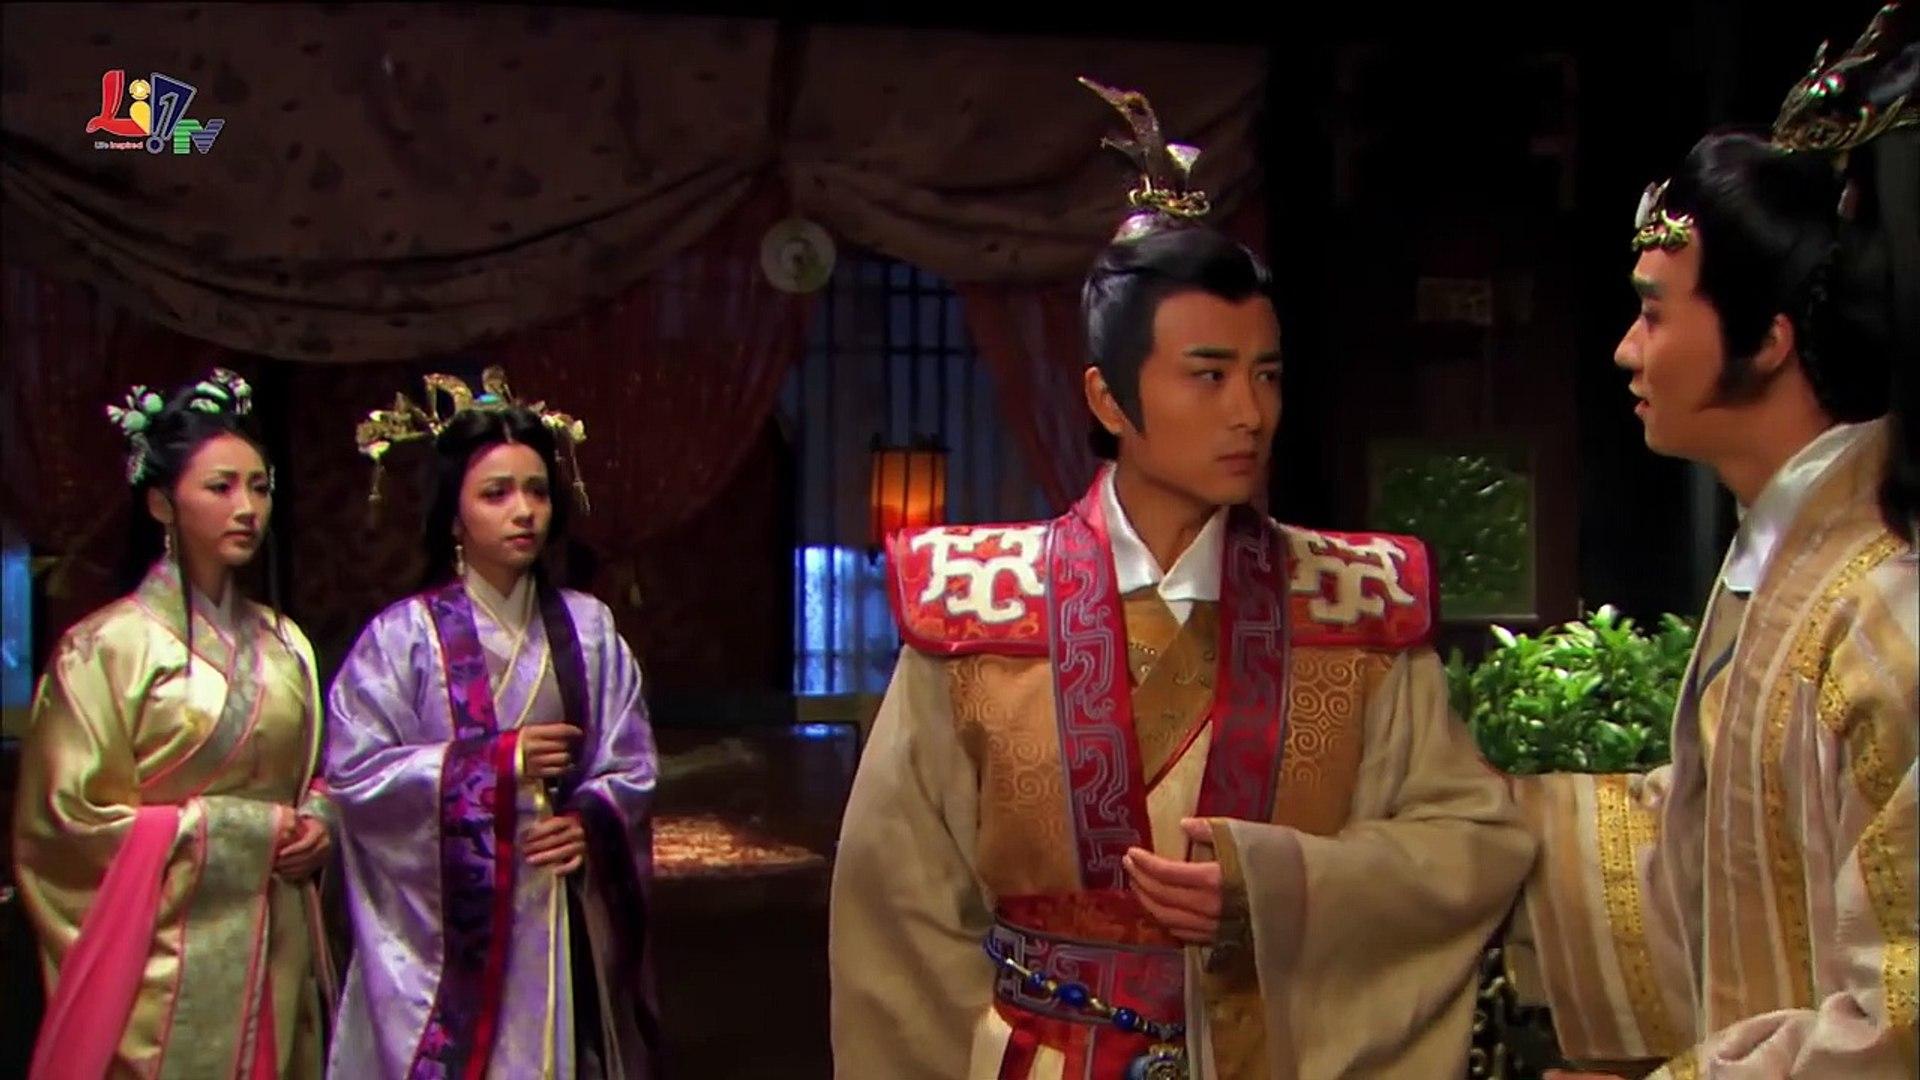 LẠC THỦY THẦN TIÊN - Tập 6 - Bí mật đằng sau việc Trần Lâm ra tay giết huynh đệ